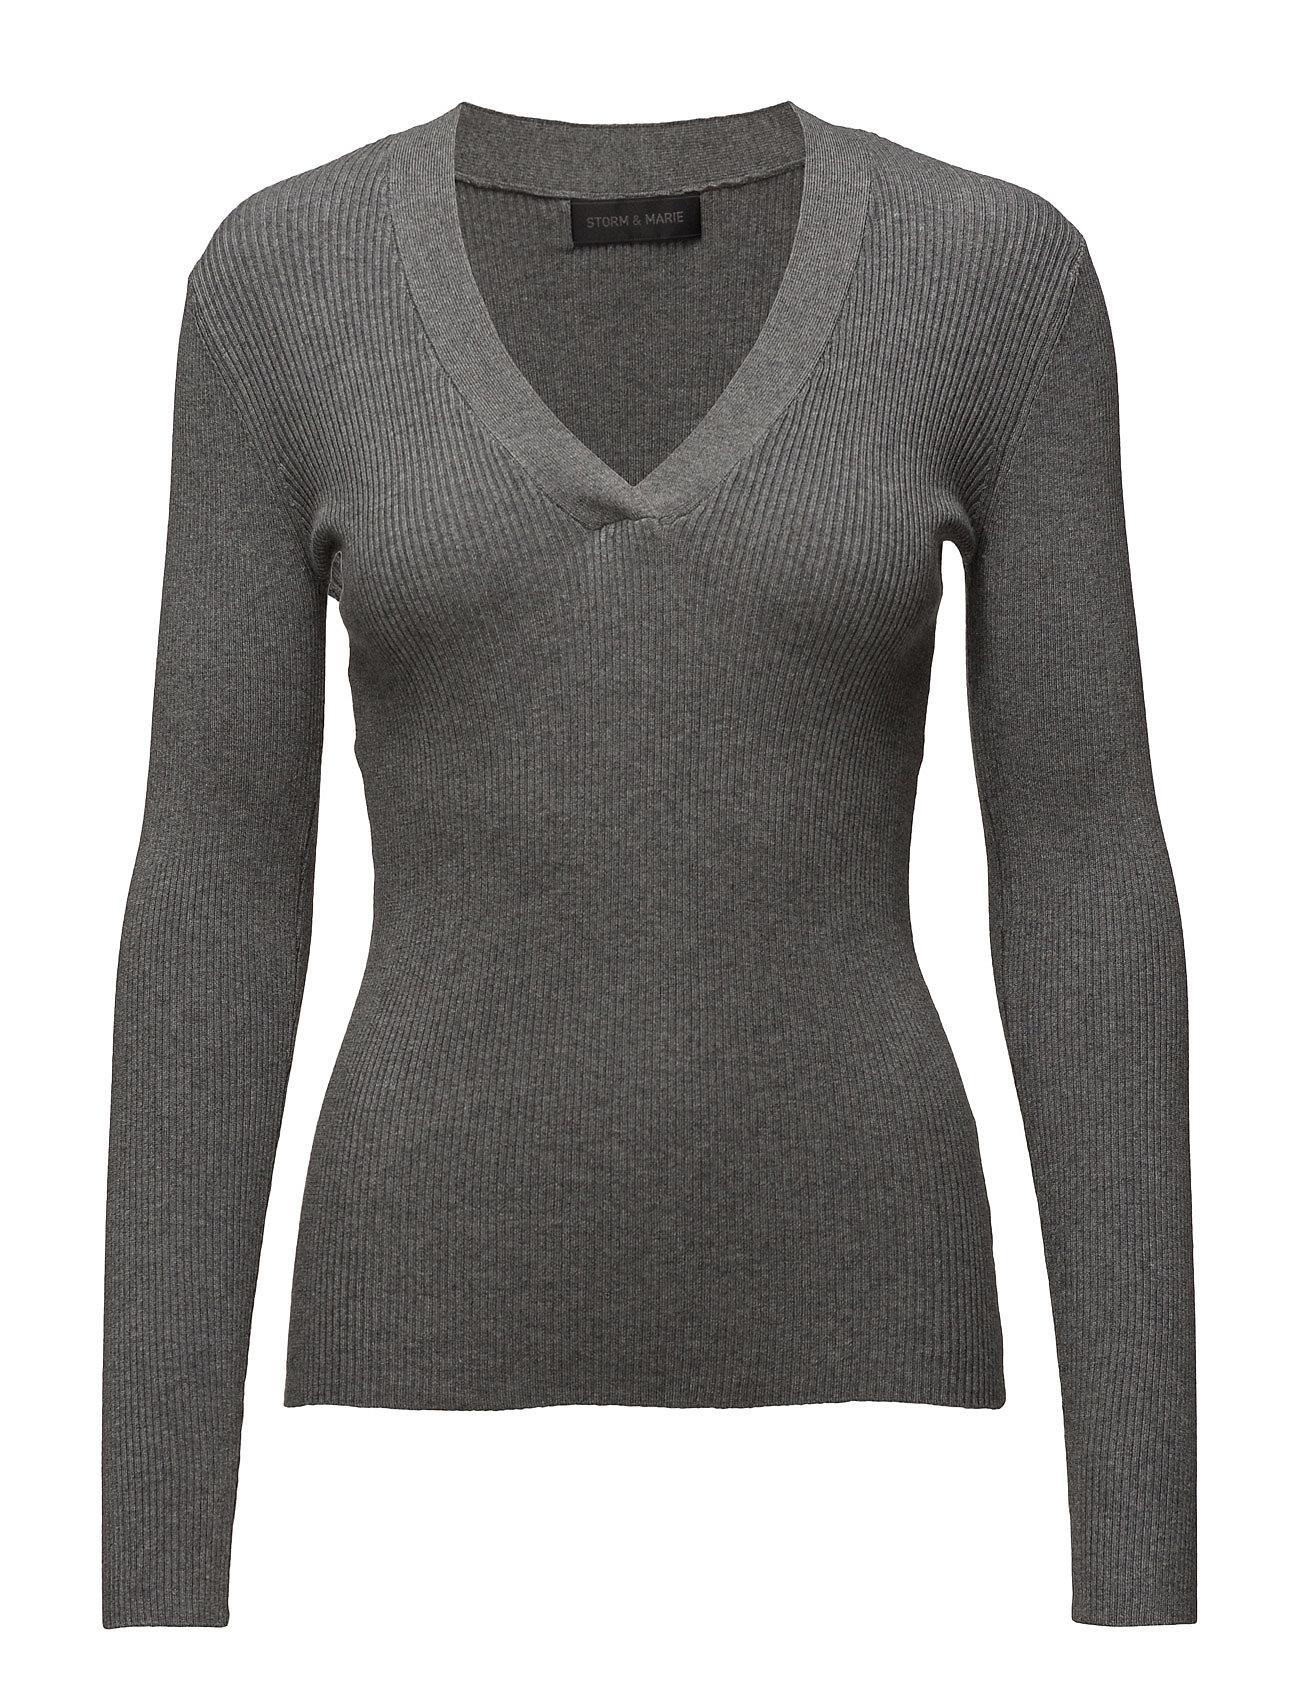 Nap-Vl Storm & Marie Sweatshirts til Damer i